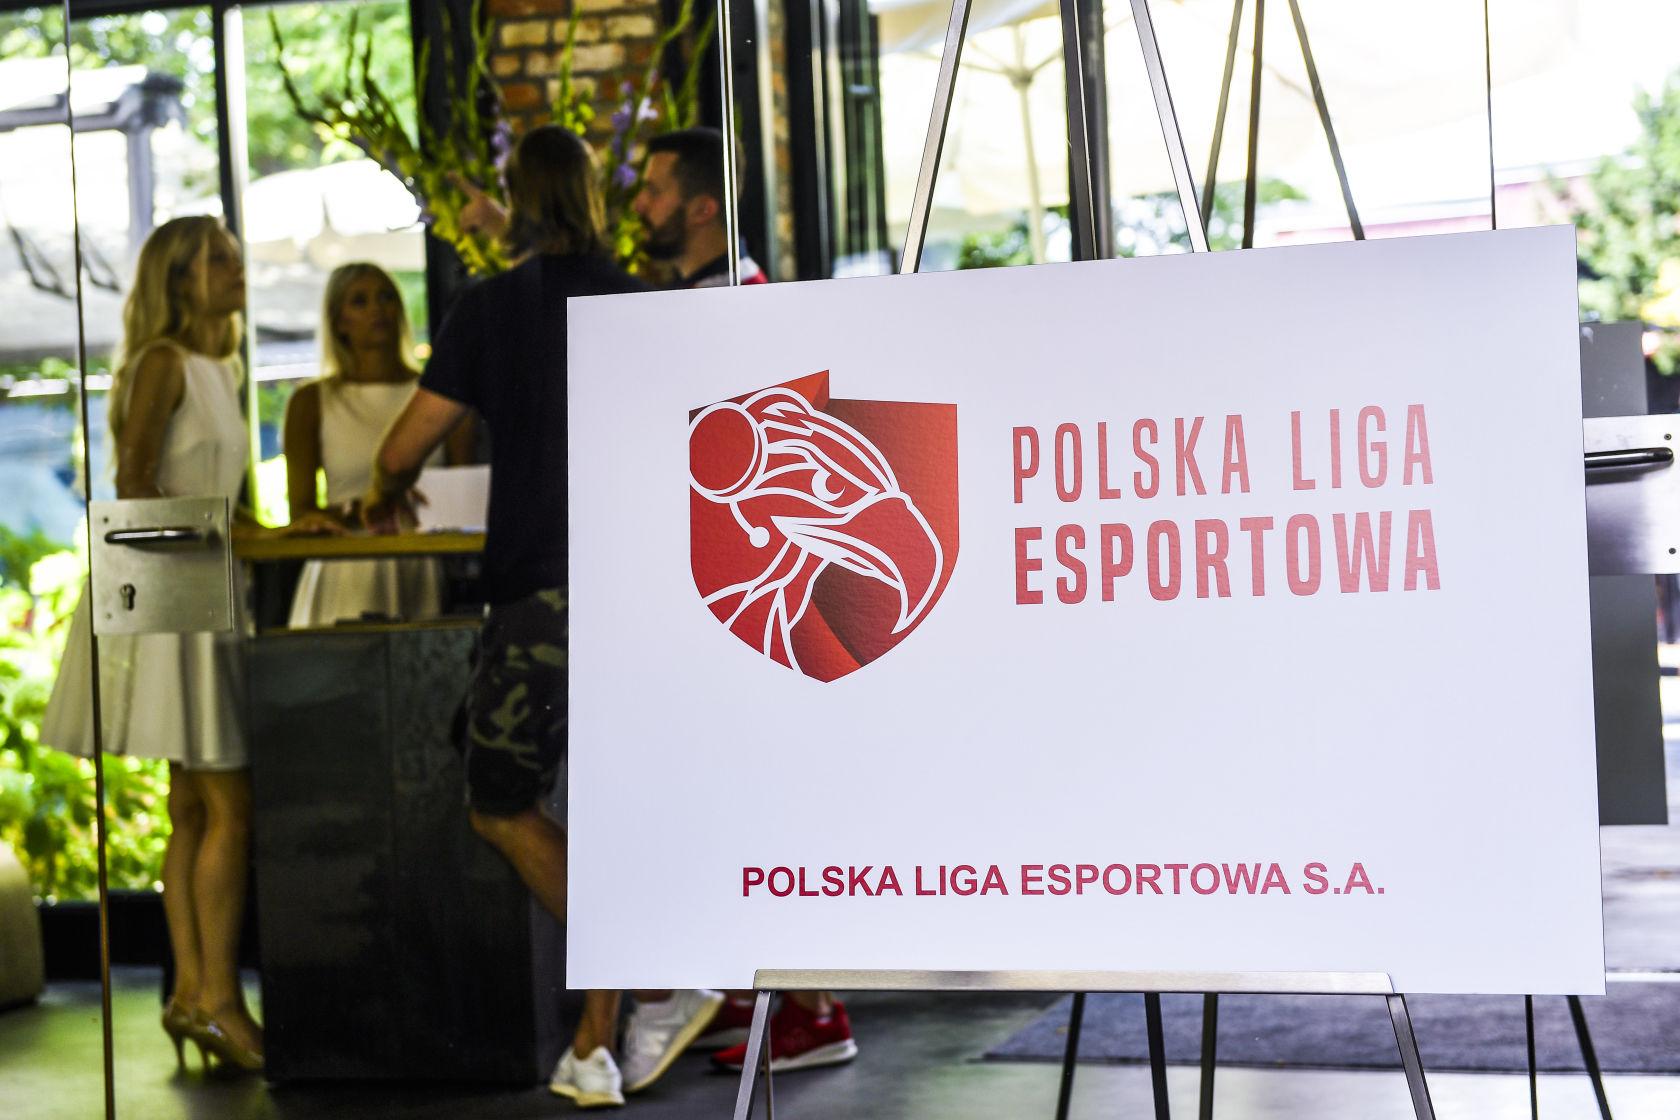 Nowa odsłona Polskiej Ligi Esportowej. Poznaliśmy terminarz na najbliższe 3 lata. 1